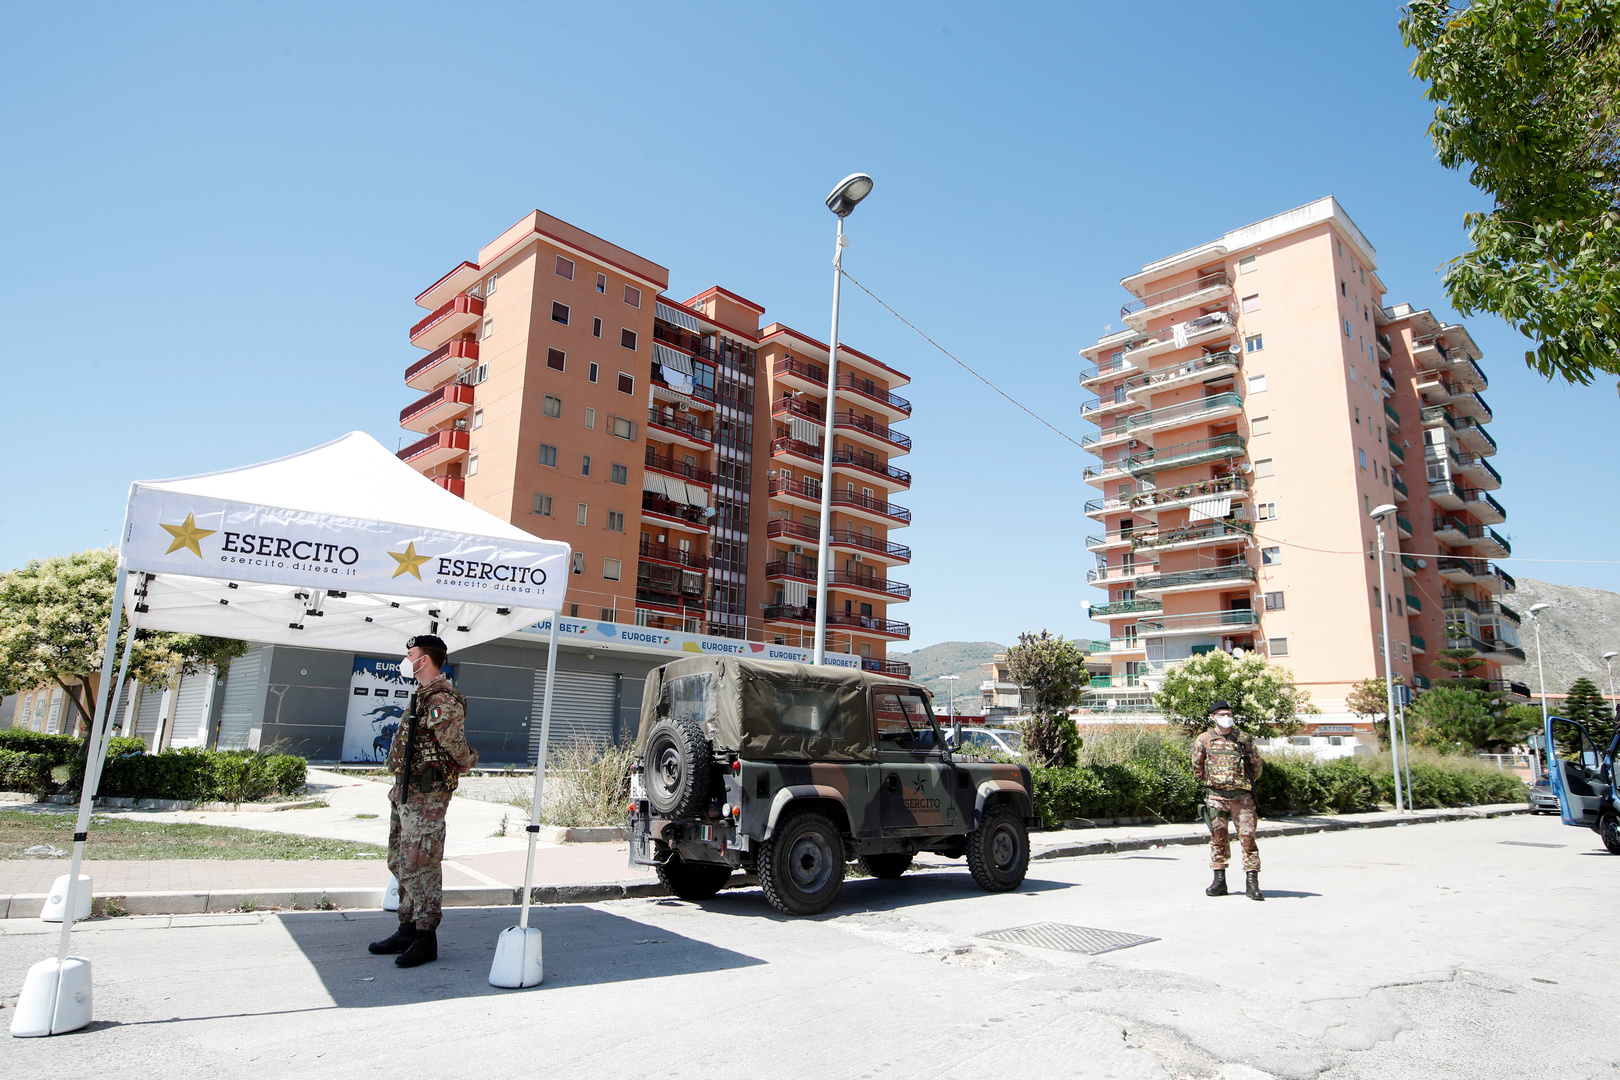 السلطات الإيطالية تنشر قوة من الجيش لفض مواجهات في بلدة ساحلية بعد تفش لفيروس كورونا